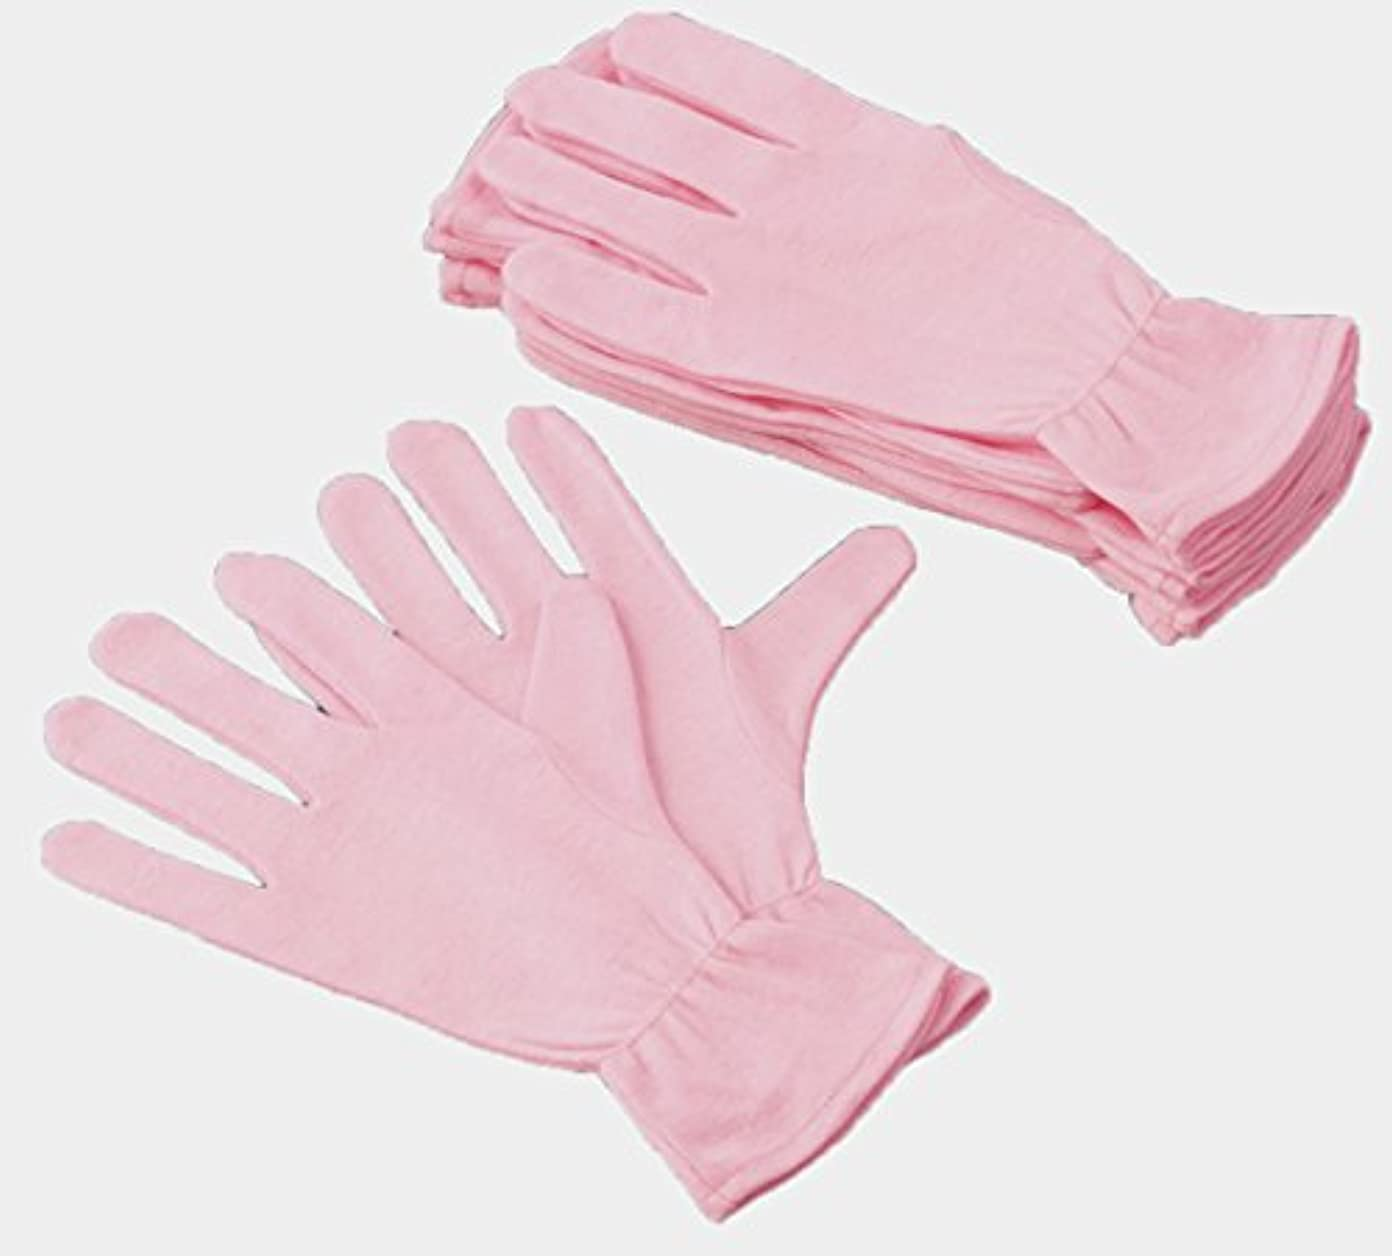 異議適用済み汚染された綿ソフト手袋12枚入